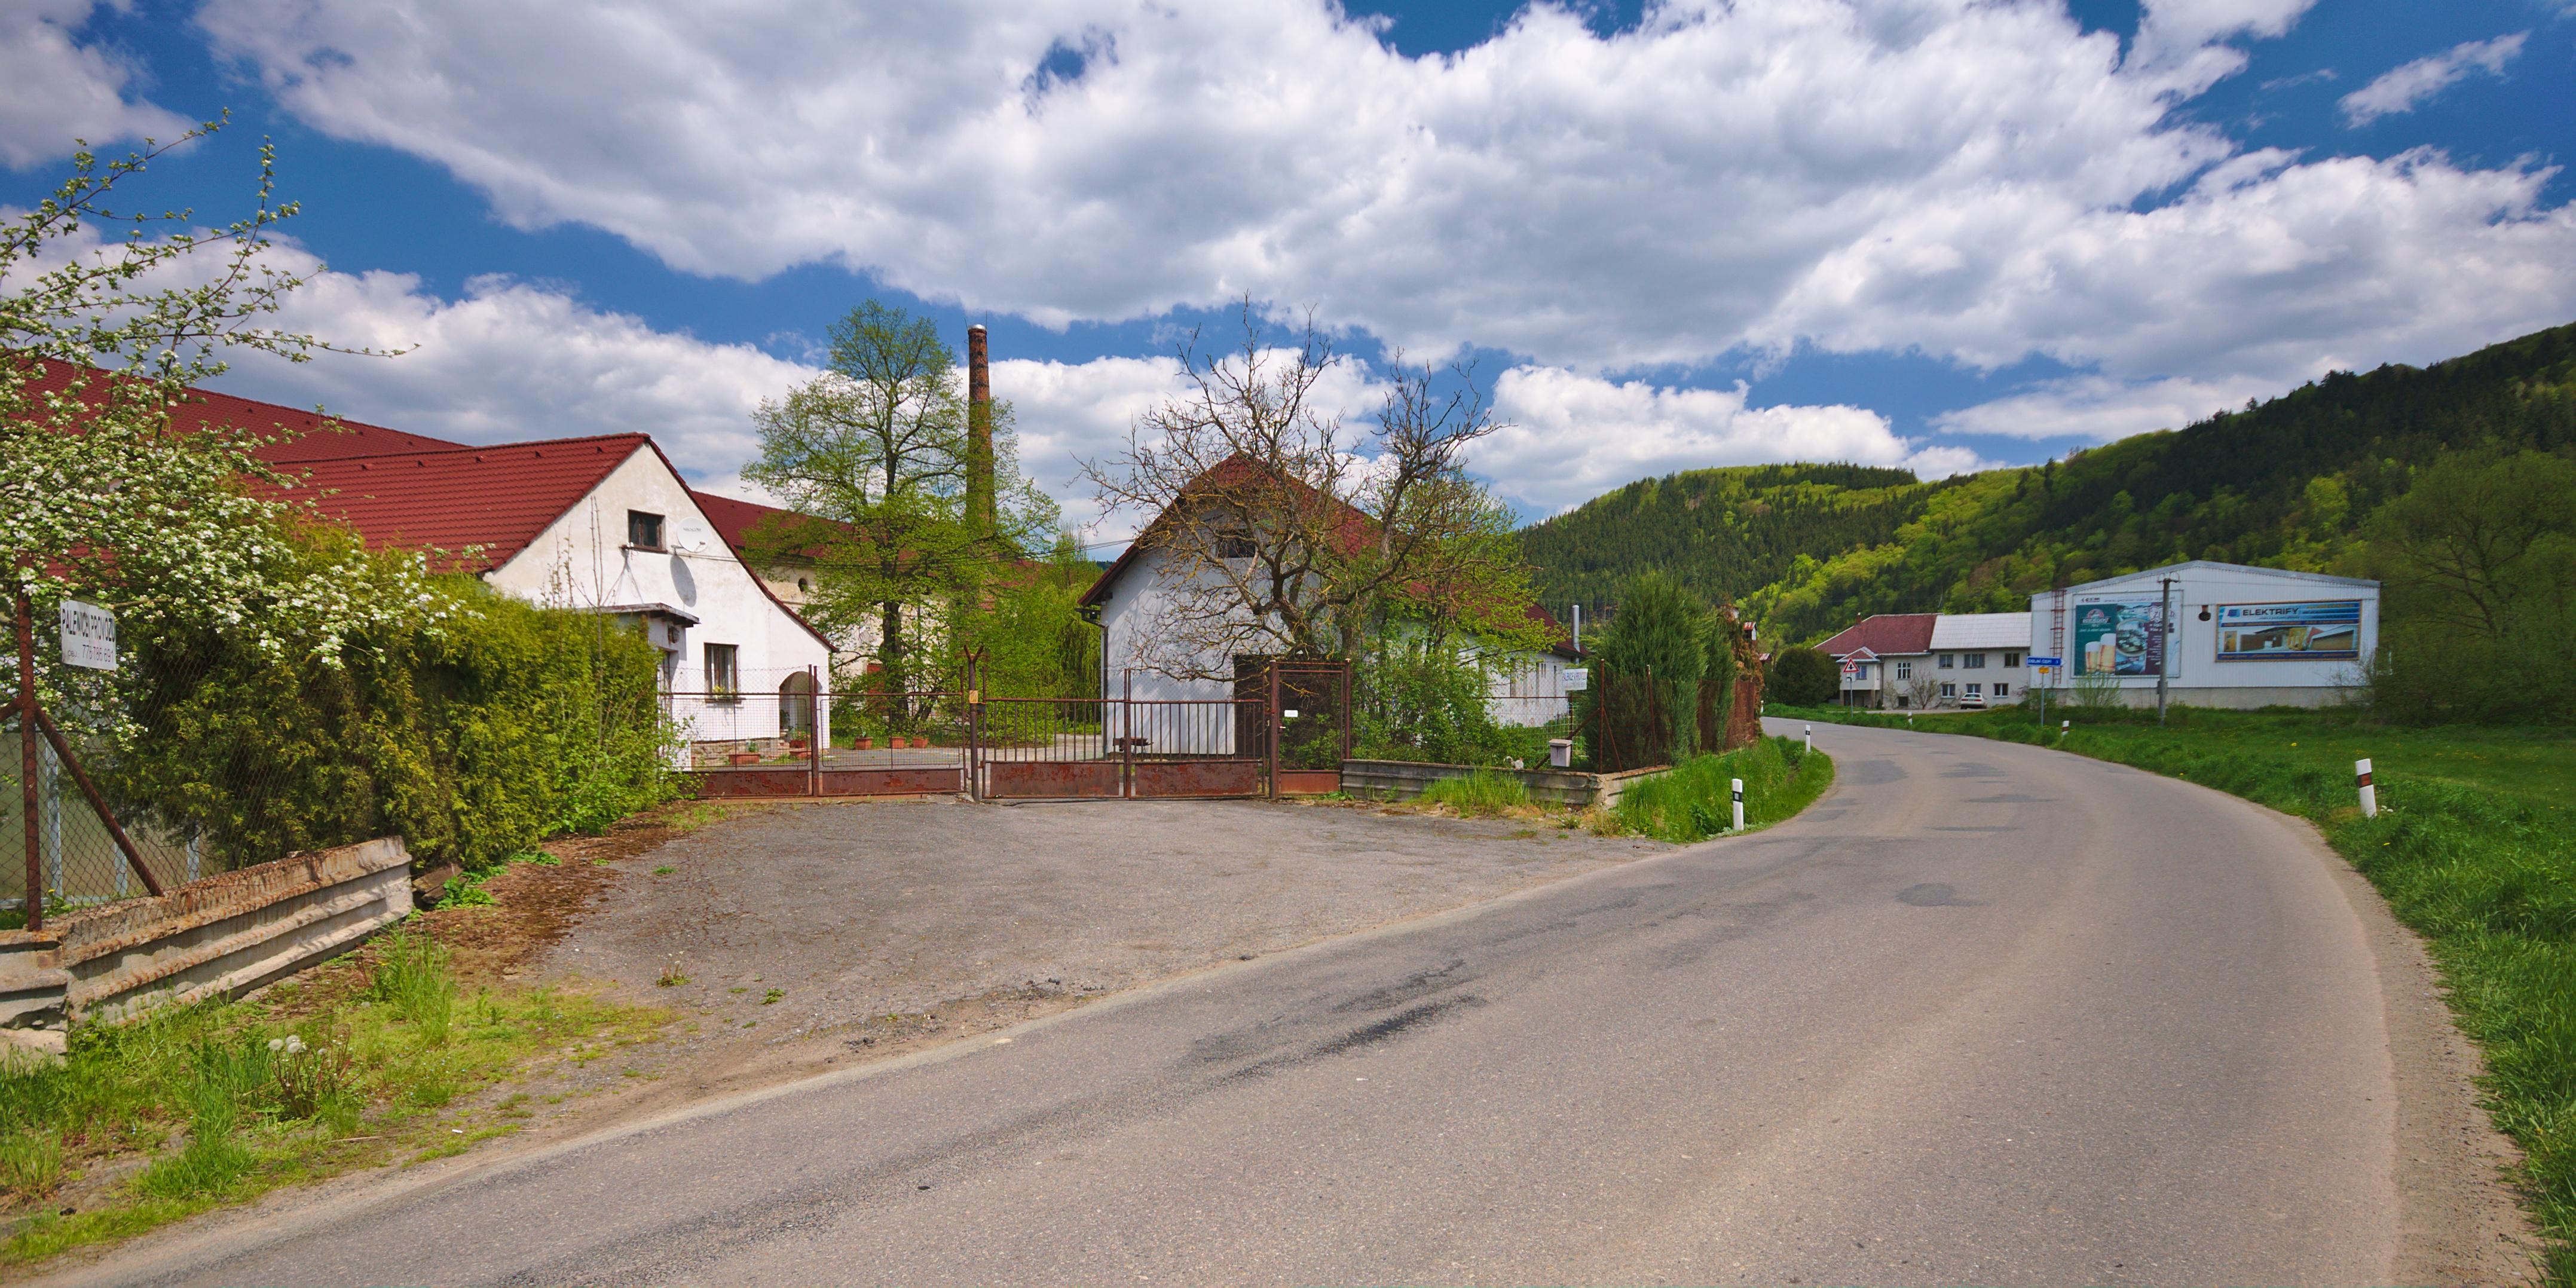 File:Pálenice, Bořinov, Ujčov, okres Žďár nad Sázavou jpg